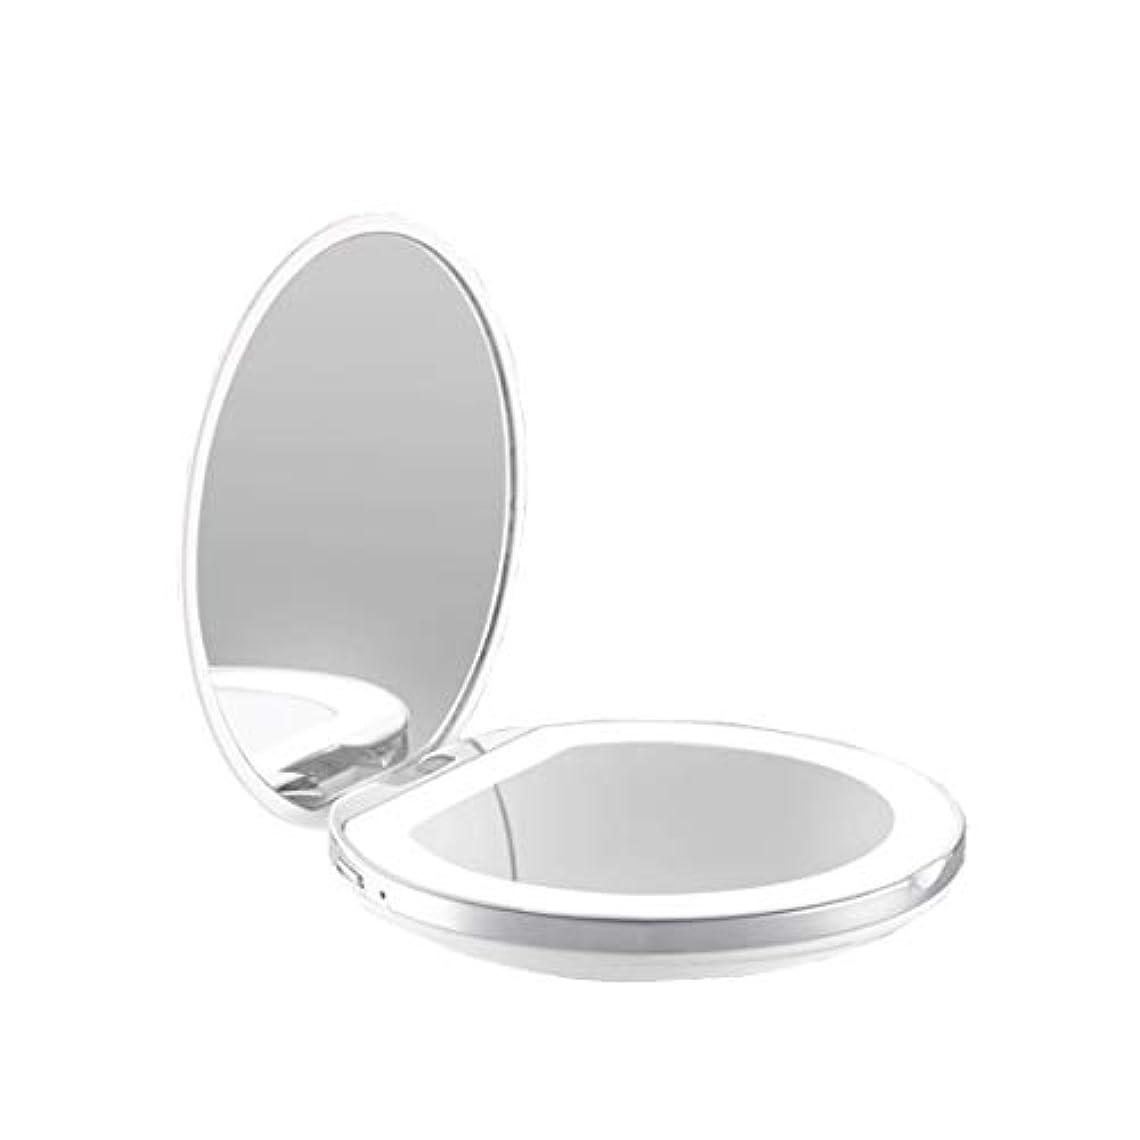 屈辱する株式会社乏しい手鏡 両面鏡 ライト付きミラー 女優ミラー 3倍拡大鏡付き お姫様 ミラー おしゃれ 卓上 LEDライト 化粧鏡 コンパクト 折り畳み式 スタンドミラー 角度調整